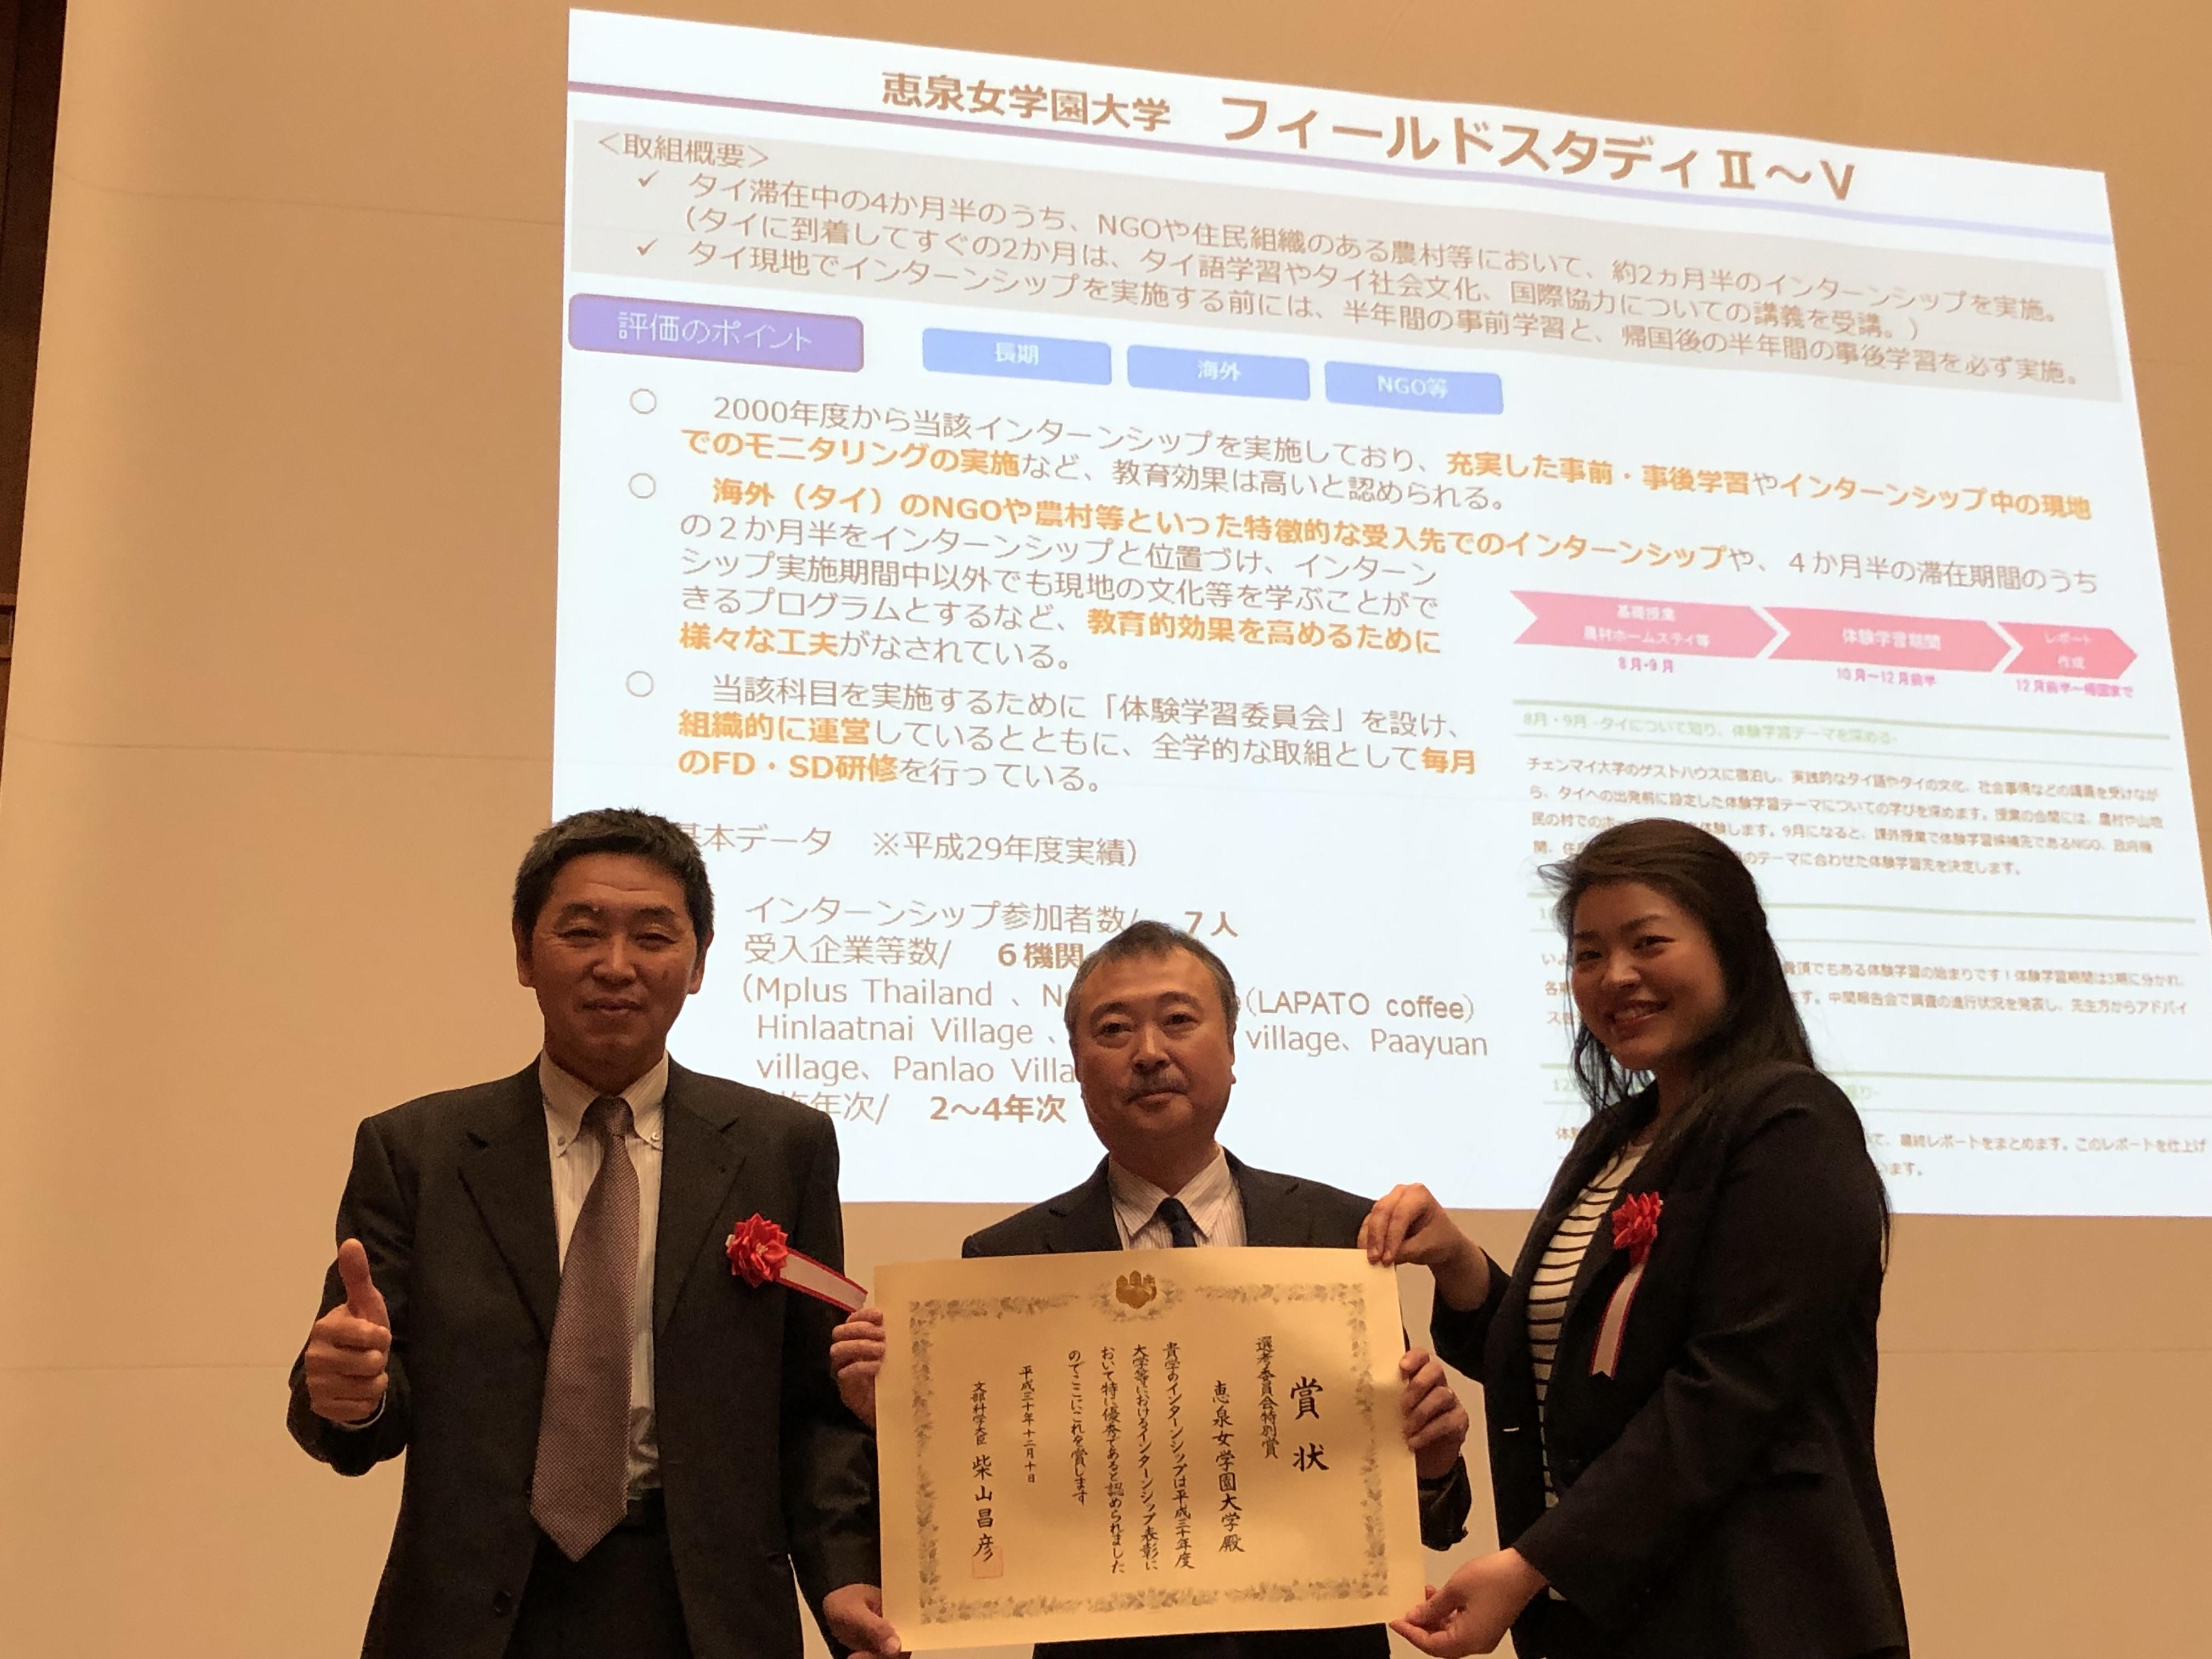 恵泉女学園大学の「タイ長期フィールドスタディ」が文部科学省「大学等におけるインターンシップ表彰」で選考委員会特別賞を受賞